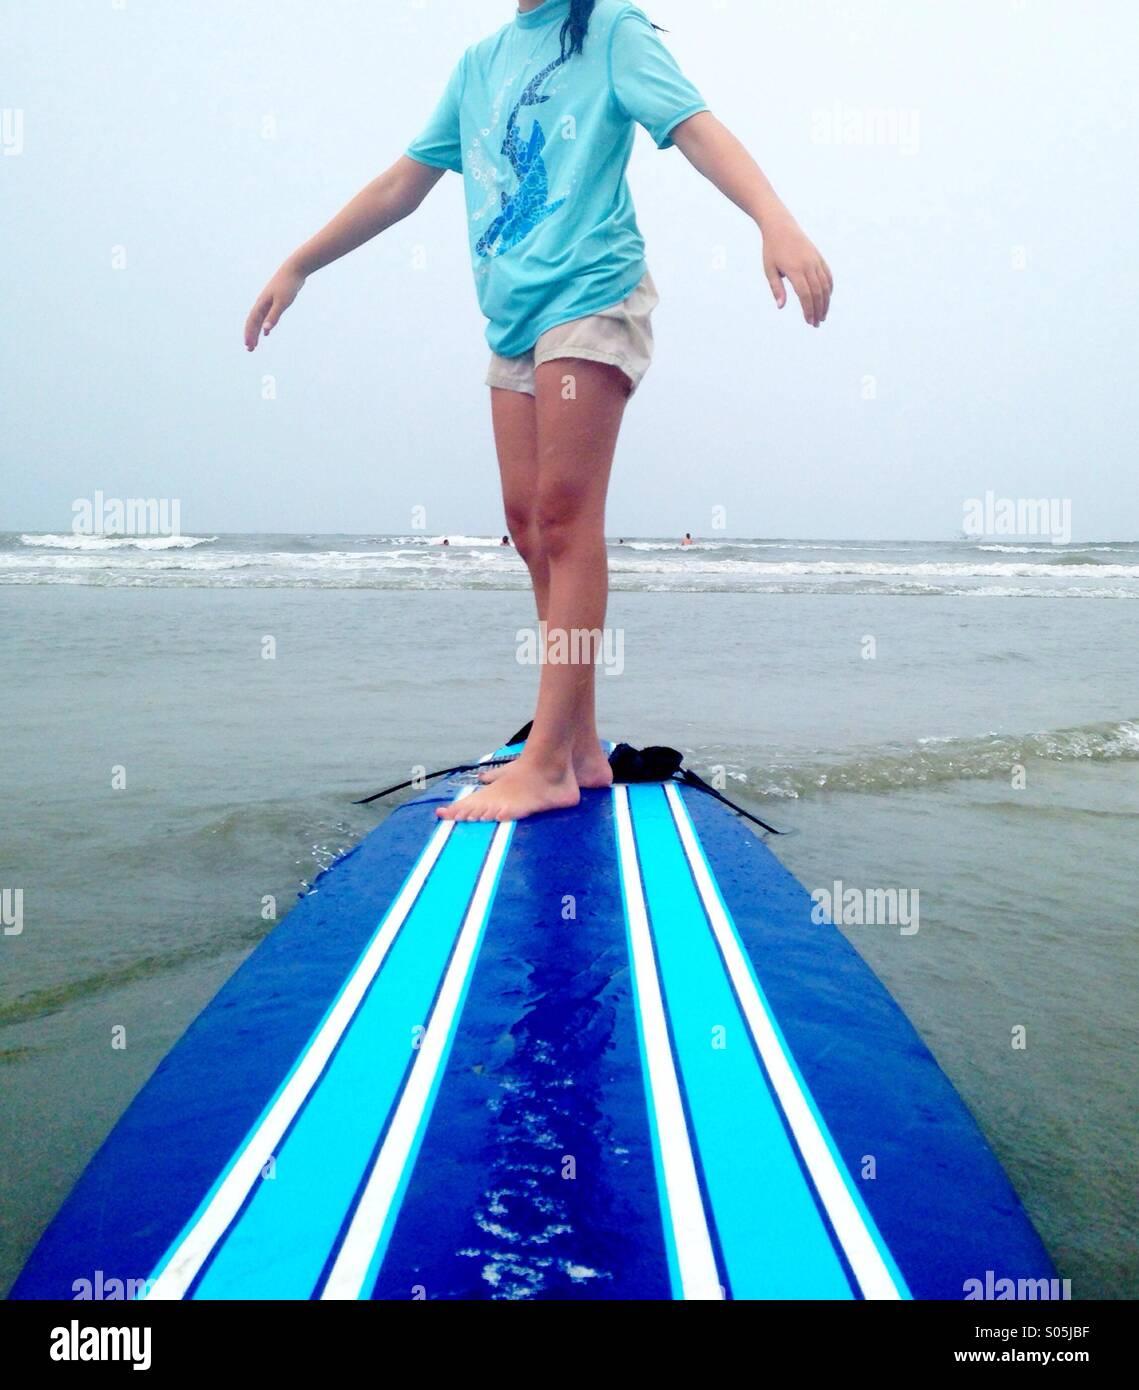 Ein Kind trägt ein Aqua Badeanzug steht auf einem gestreiften Surfbrett am Strand. Stockbild